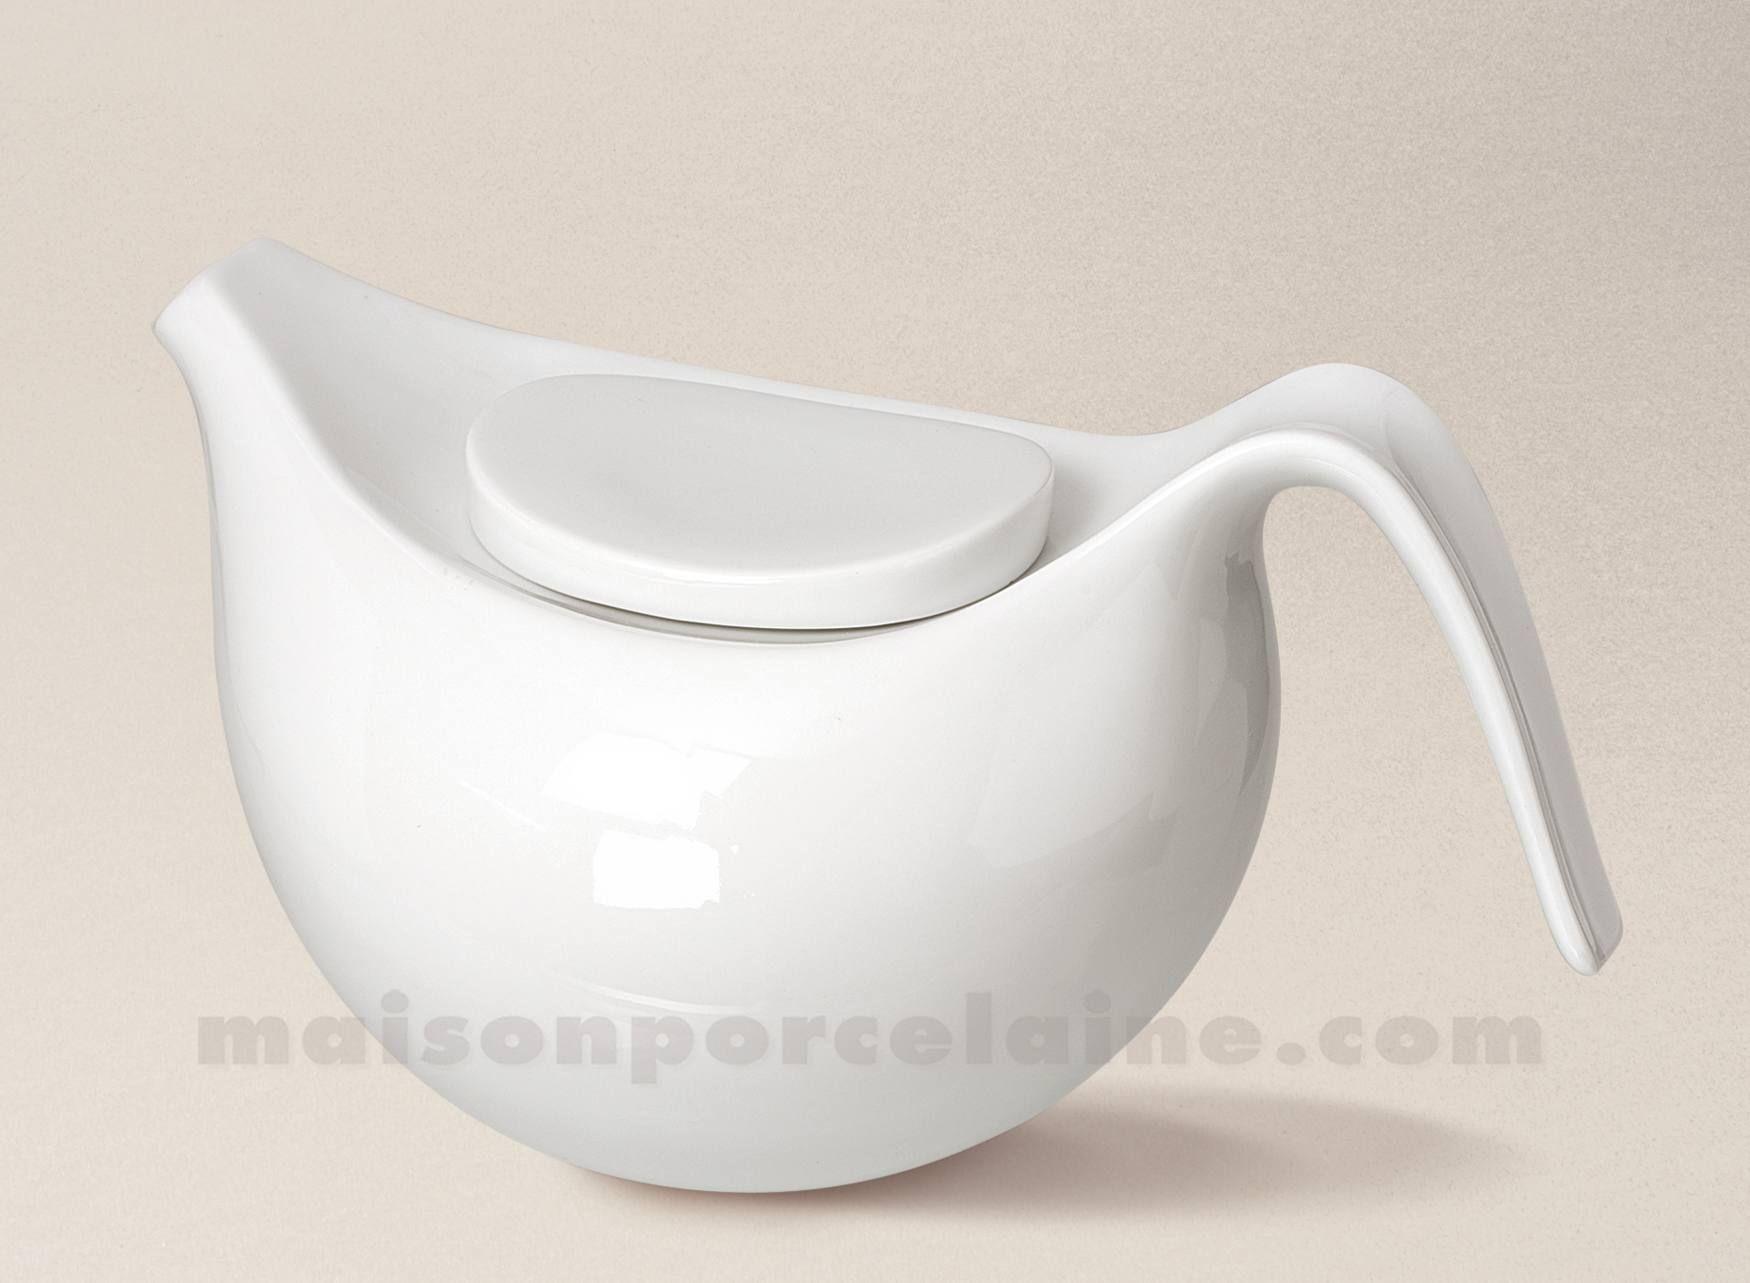 Exceptionnel Maison De La Porcelaine Blanche #11: Marque : Maison De La Porcelaine Véritable Porcelaine Blanche - Longueur :  197 Mm - Largeur